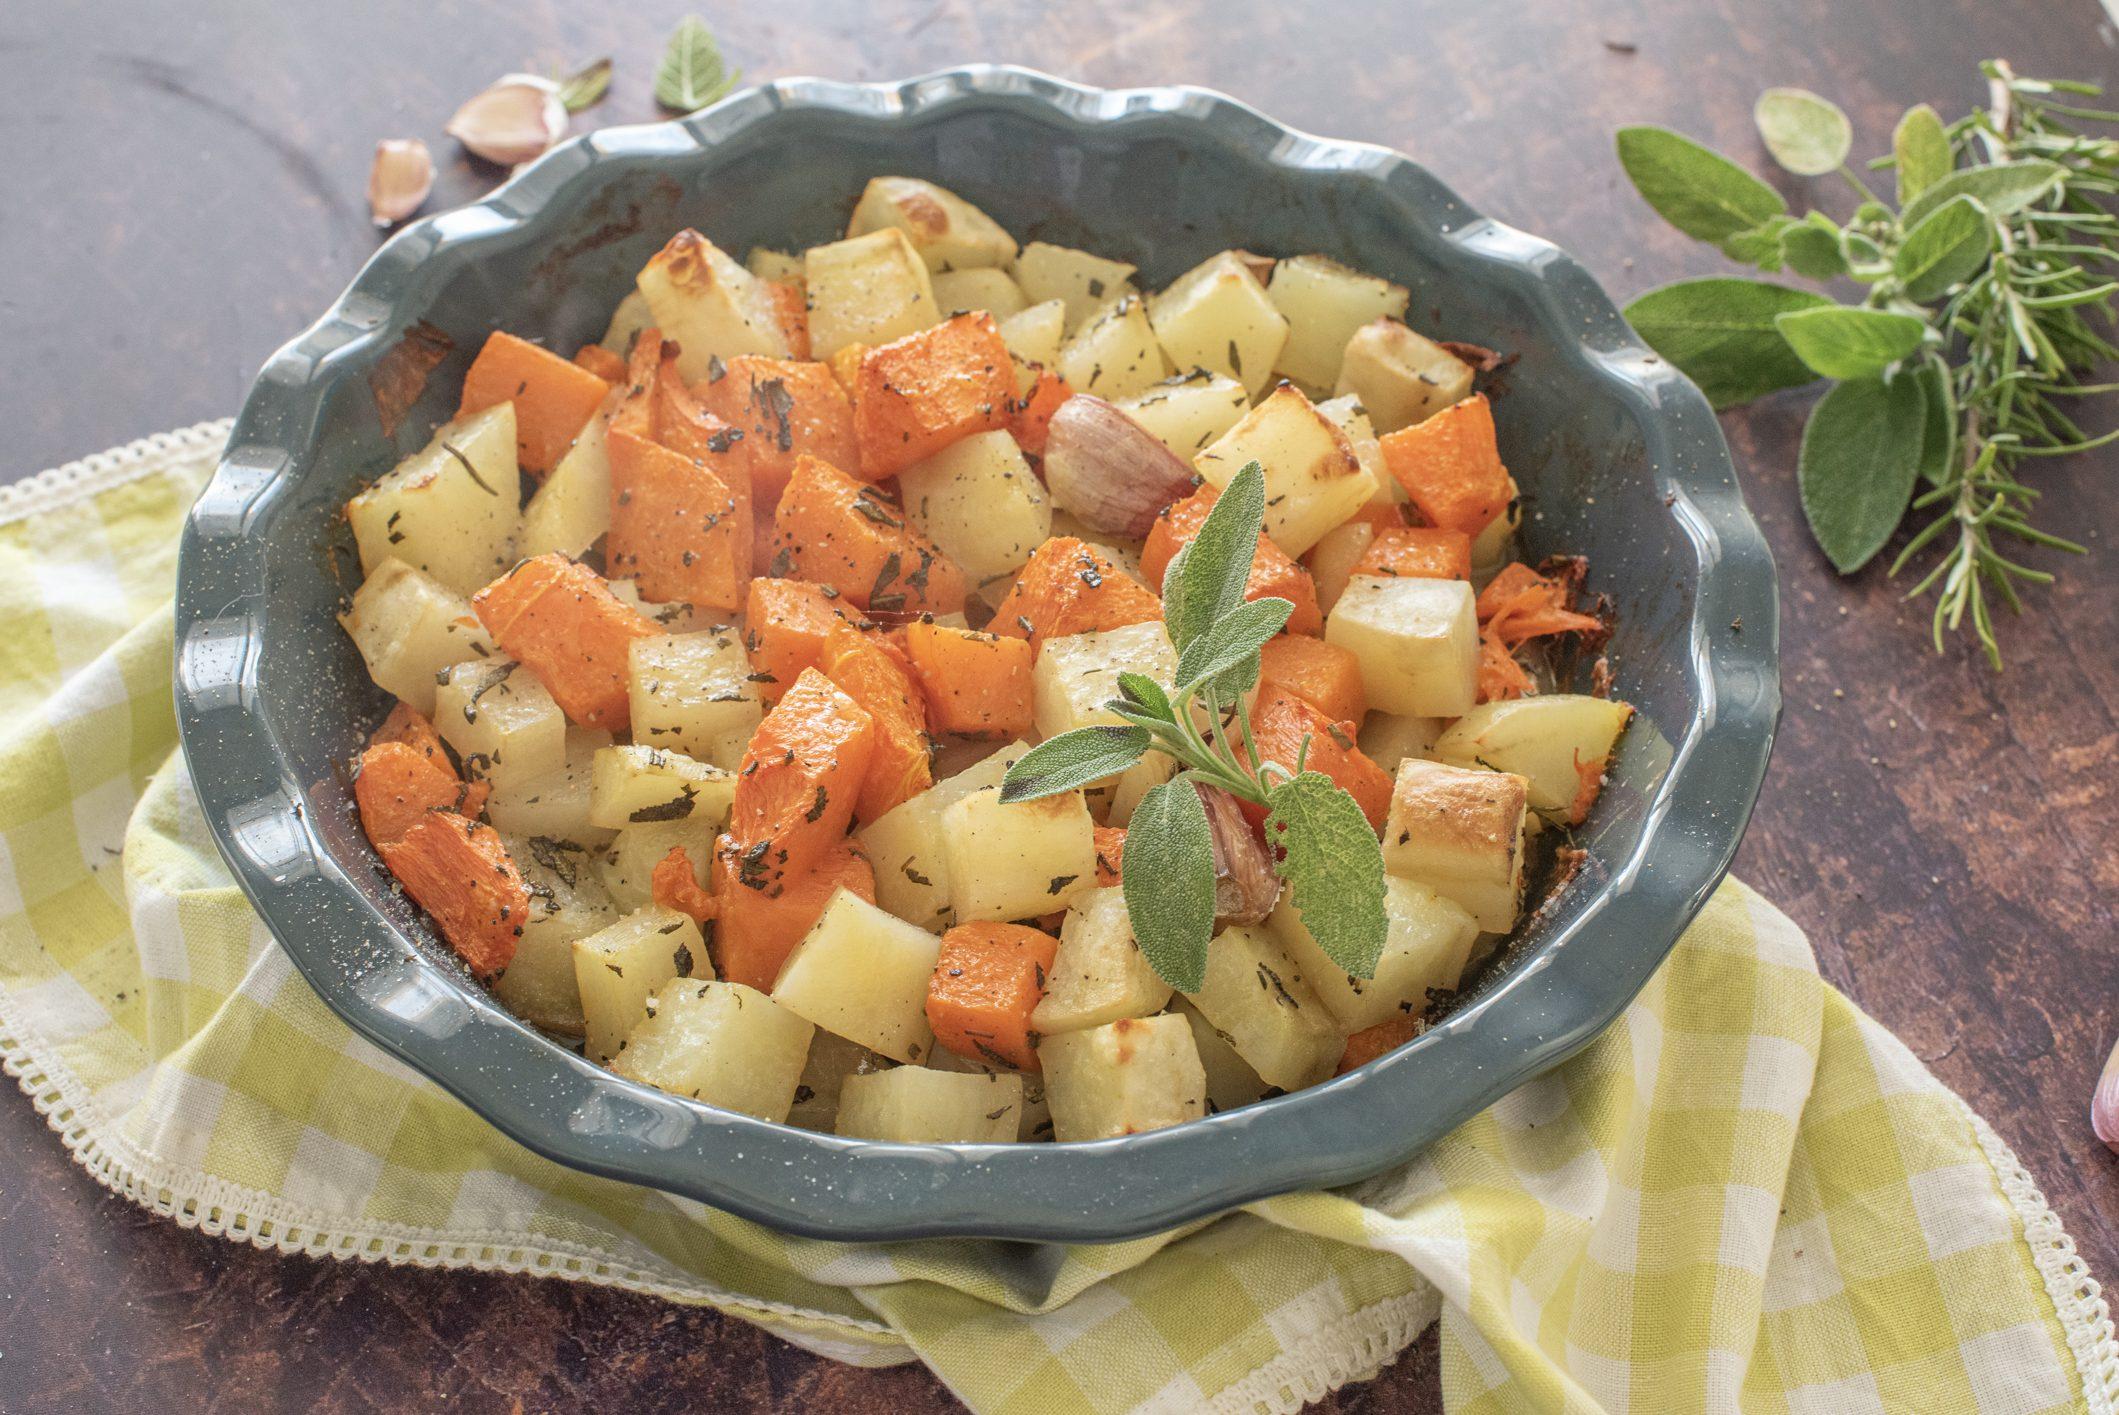 Patate e zucca al forno: la ricetta del contorno goloso e super semplice